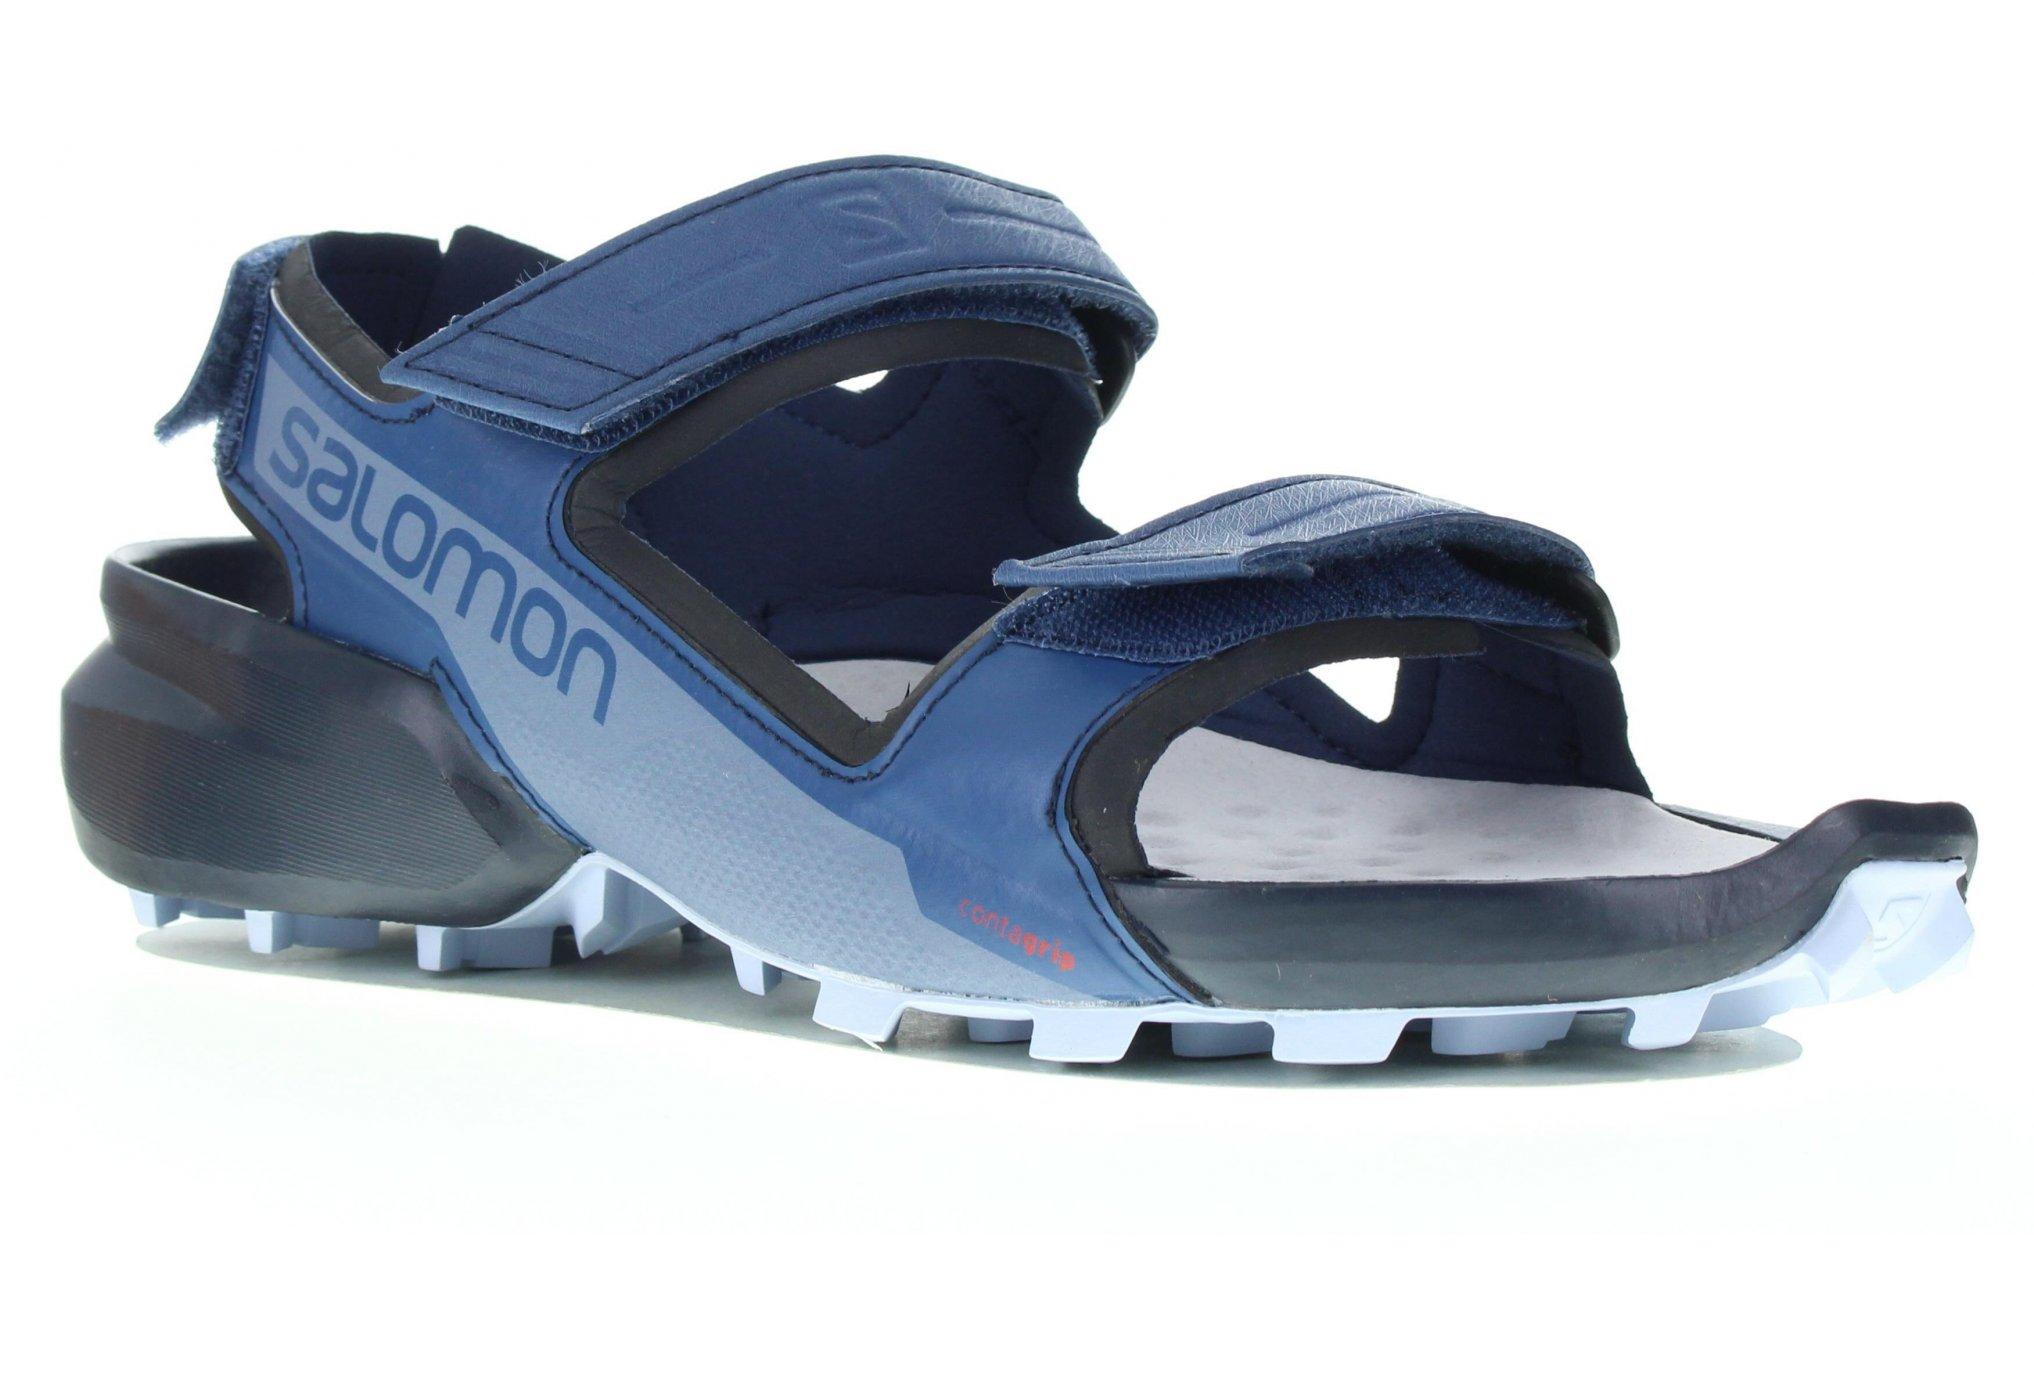 Salomon Speedcross Sandal M Diététique Chaussures homme